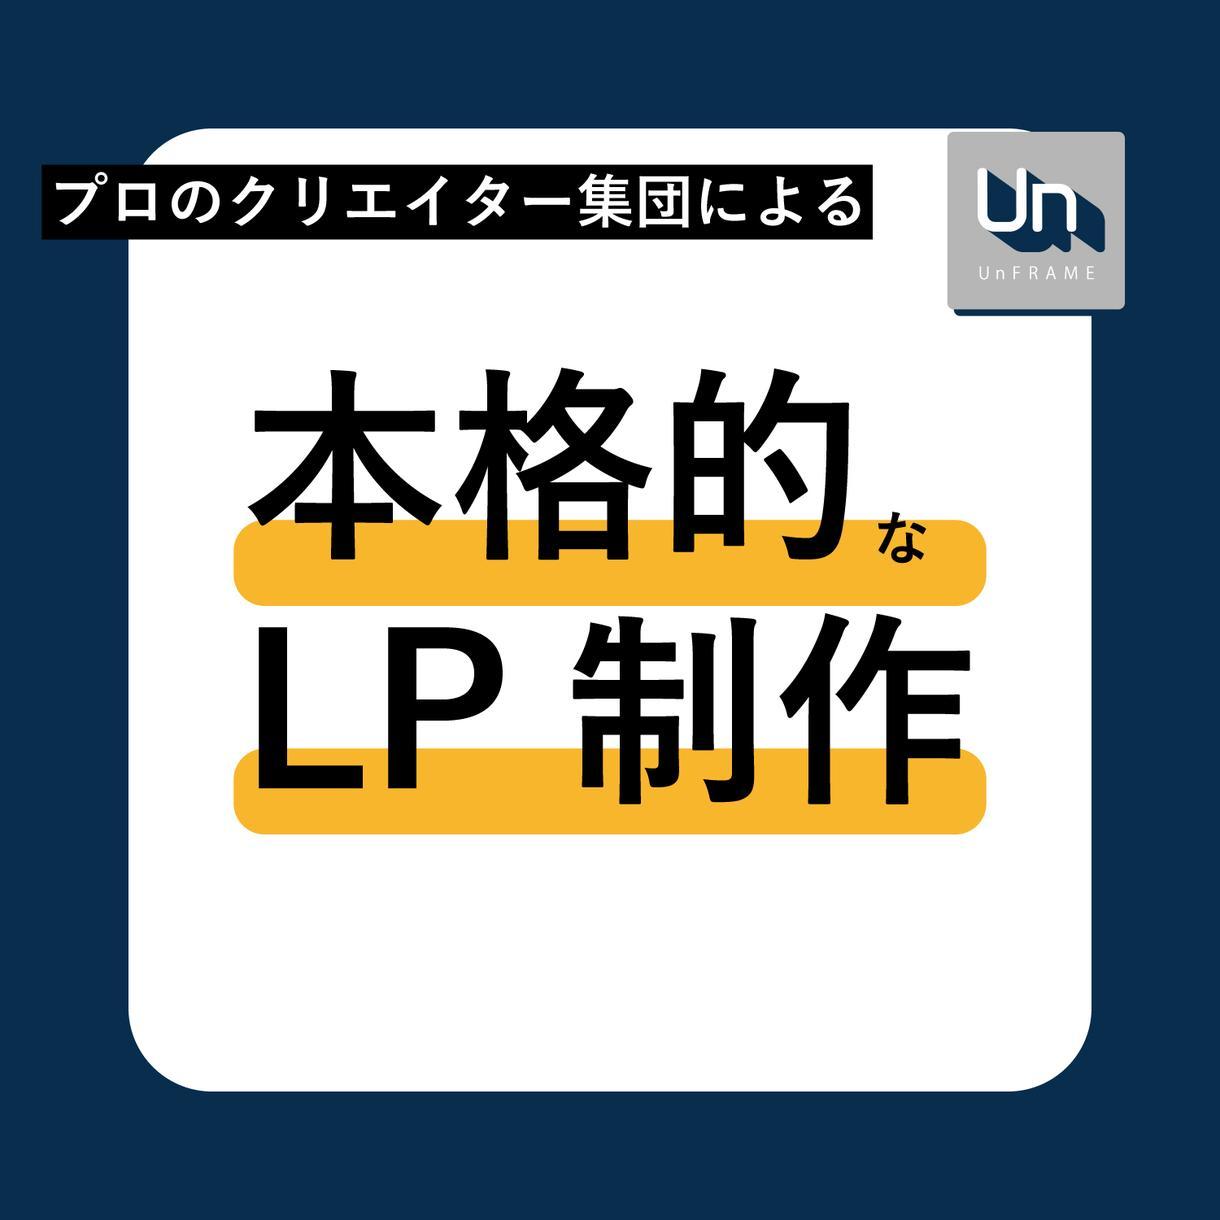 素早く高品質なLPを制作します ディレクション、エンジニア、デザイナーのチームで制作します! イメージ1